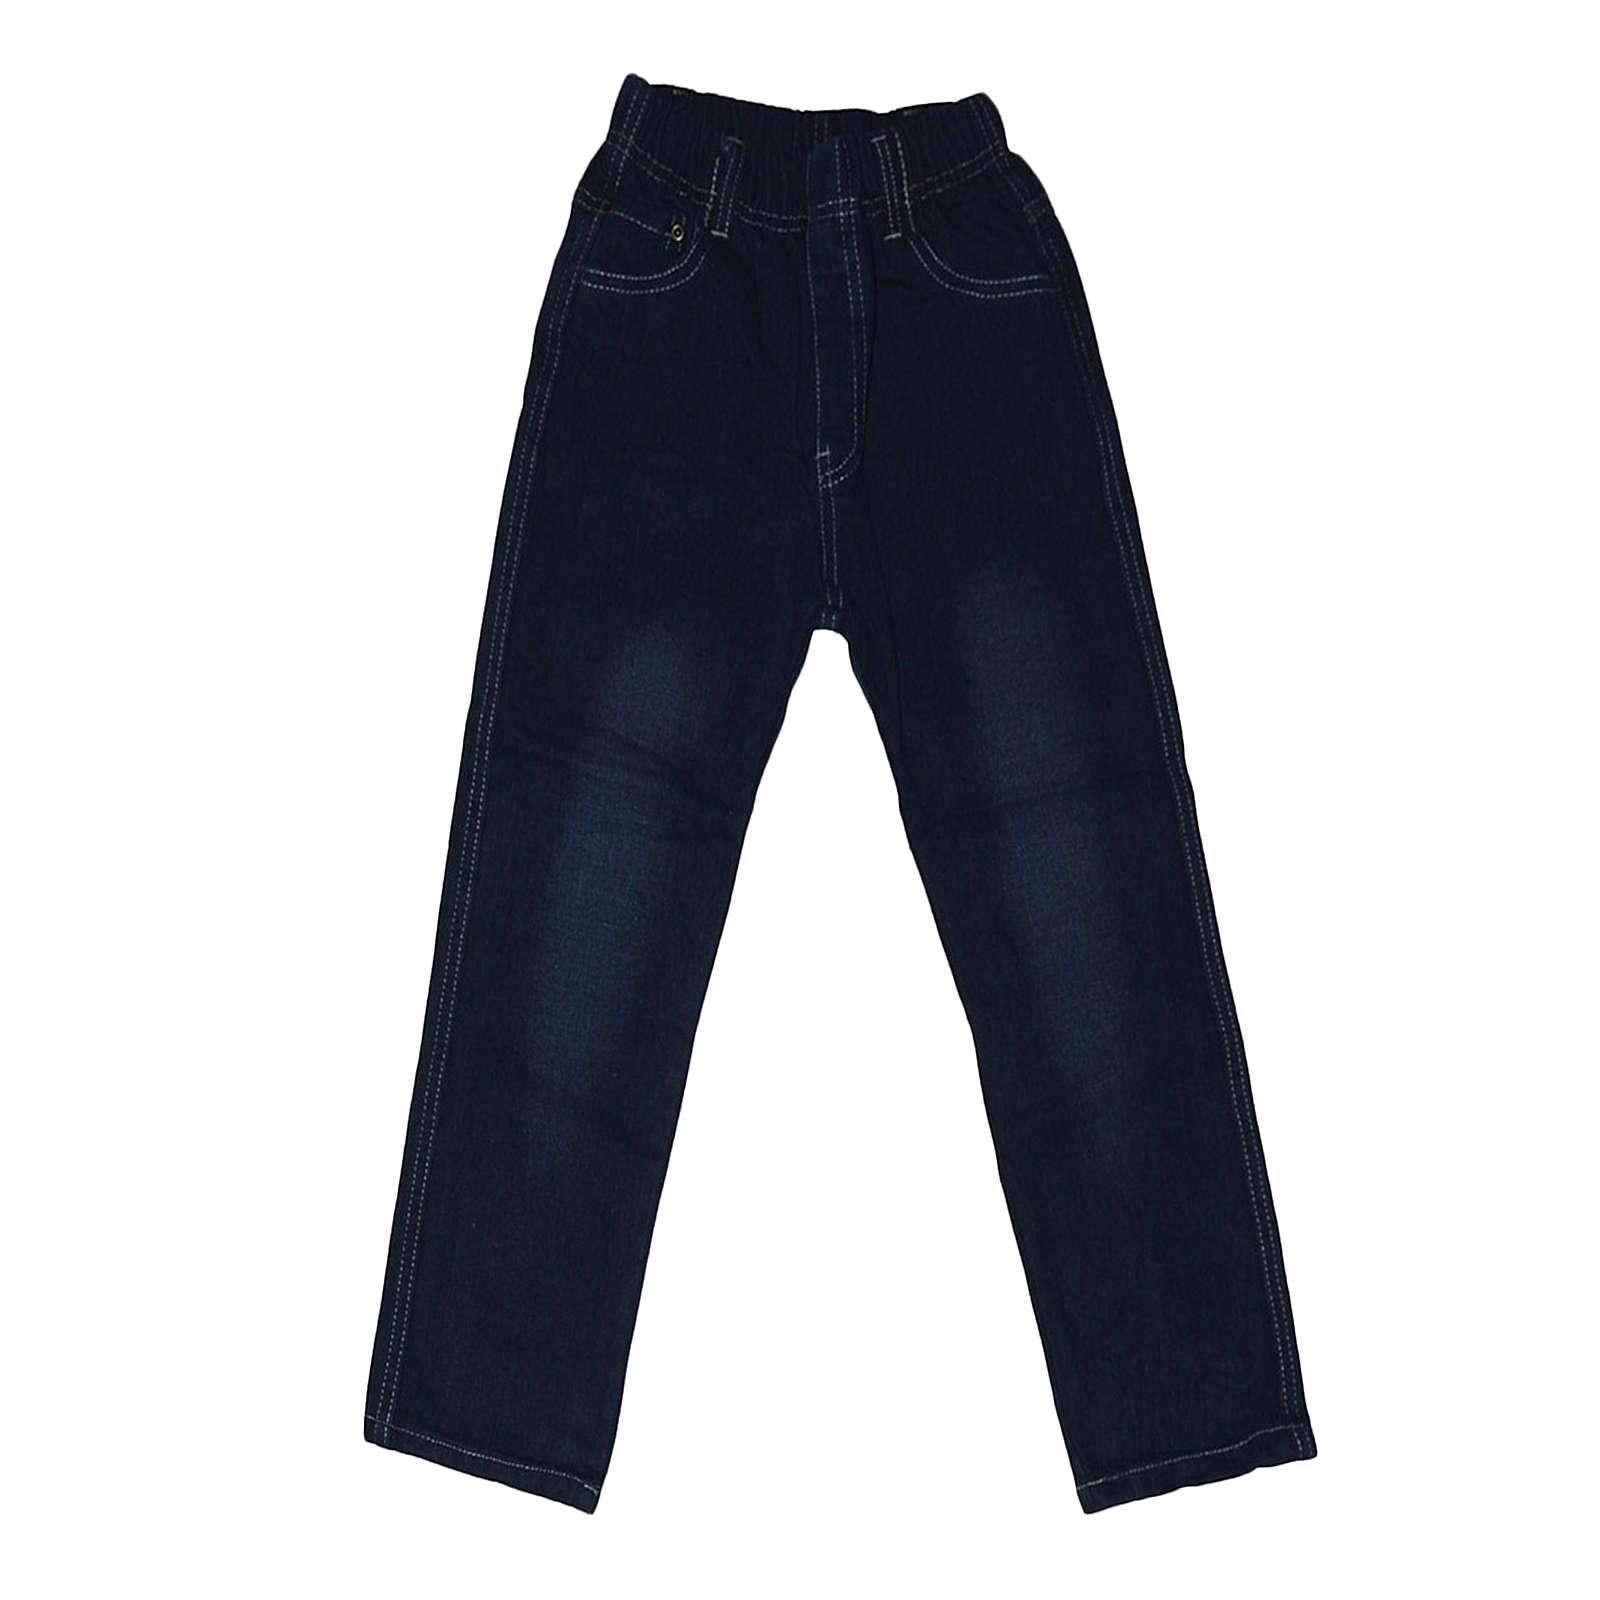 familytrends Jeanshose für Jungen schwarz Junge Gr. 98/104